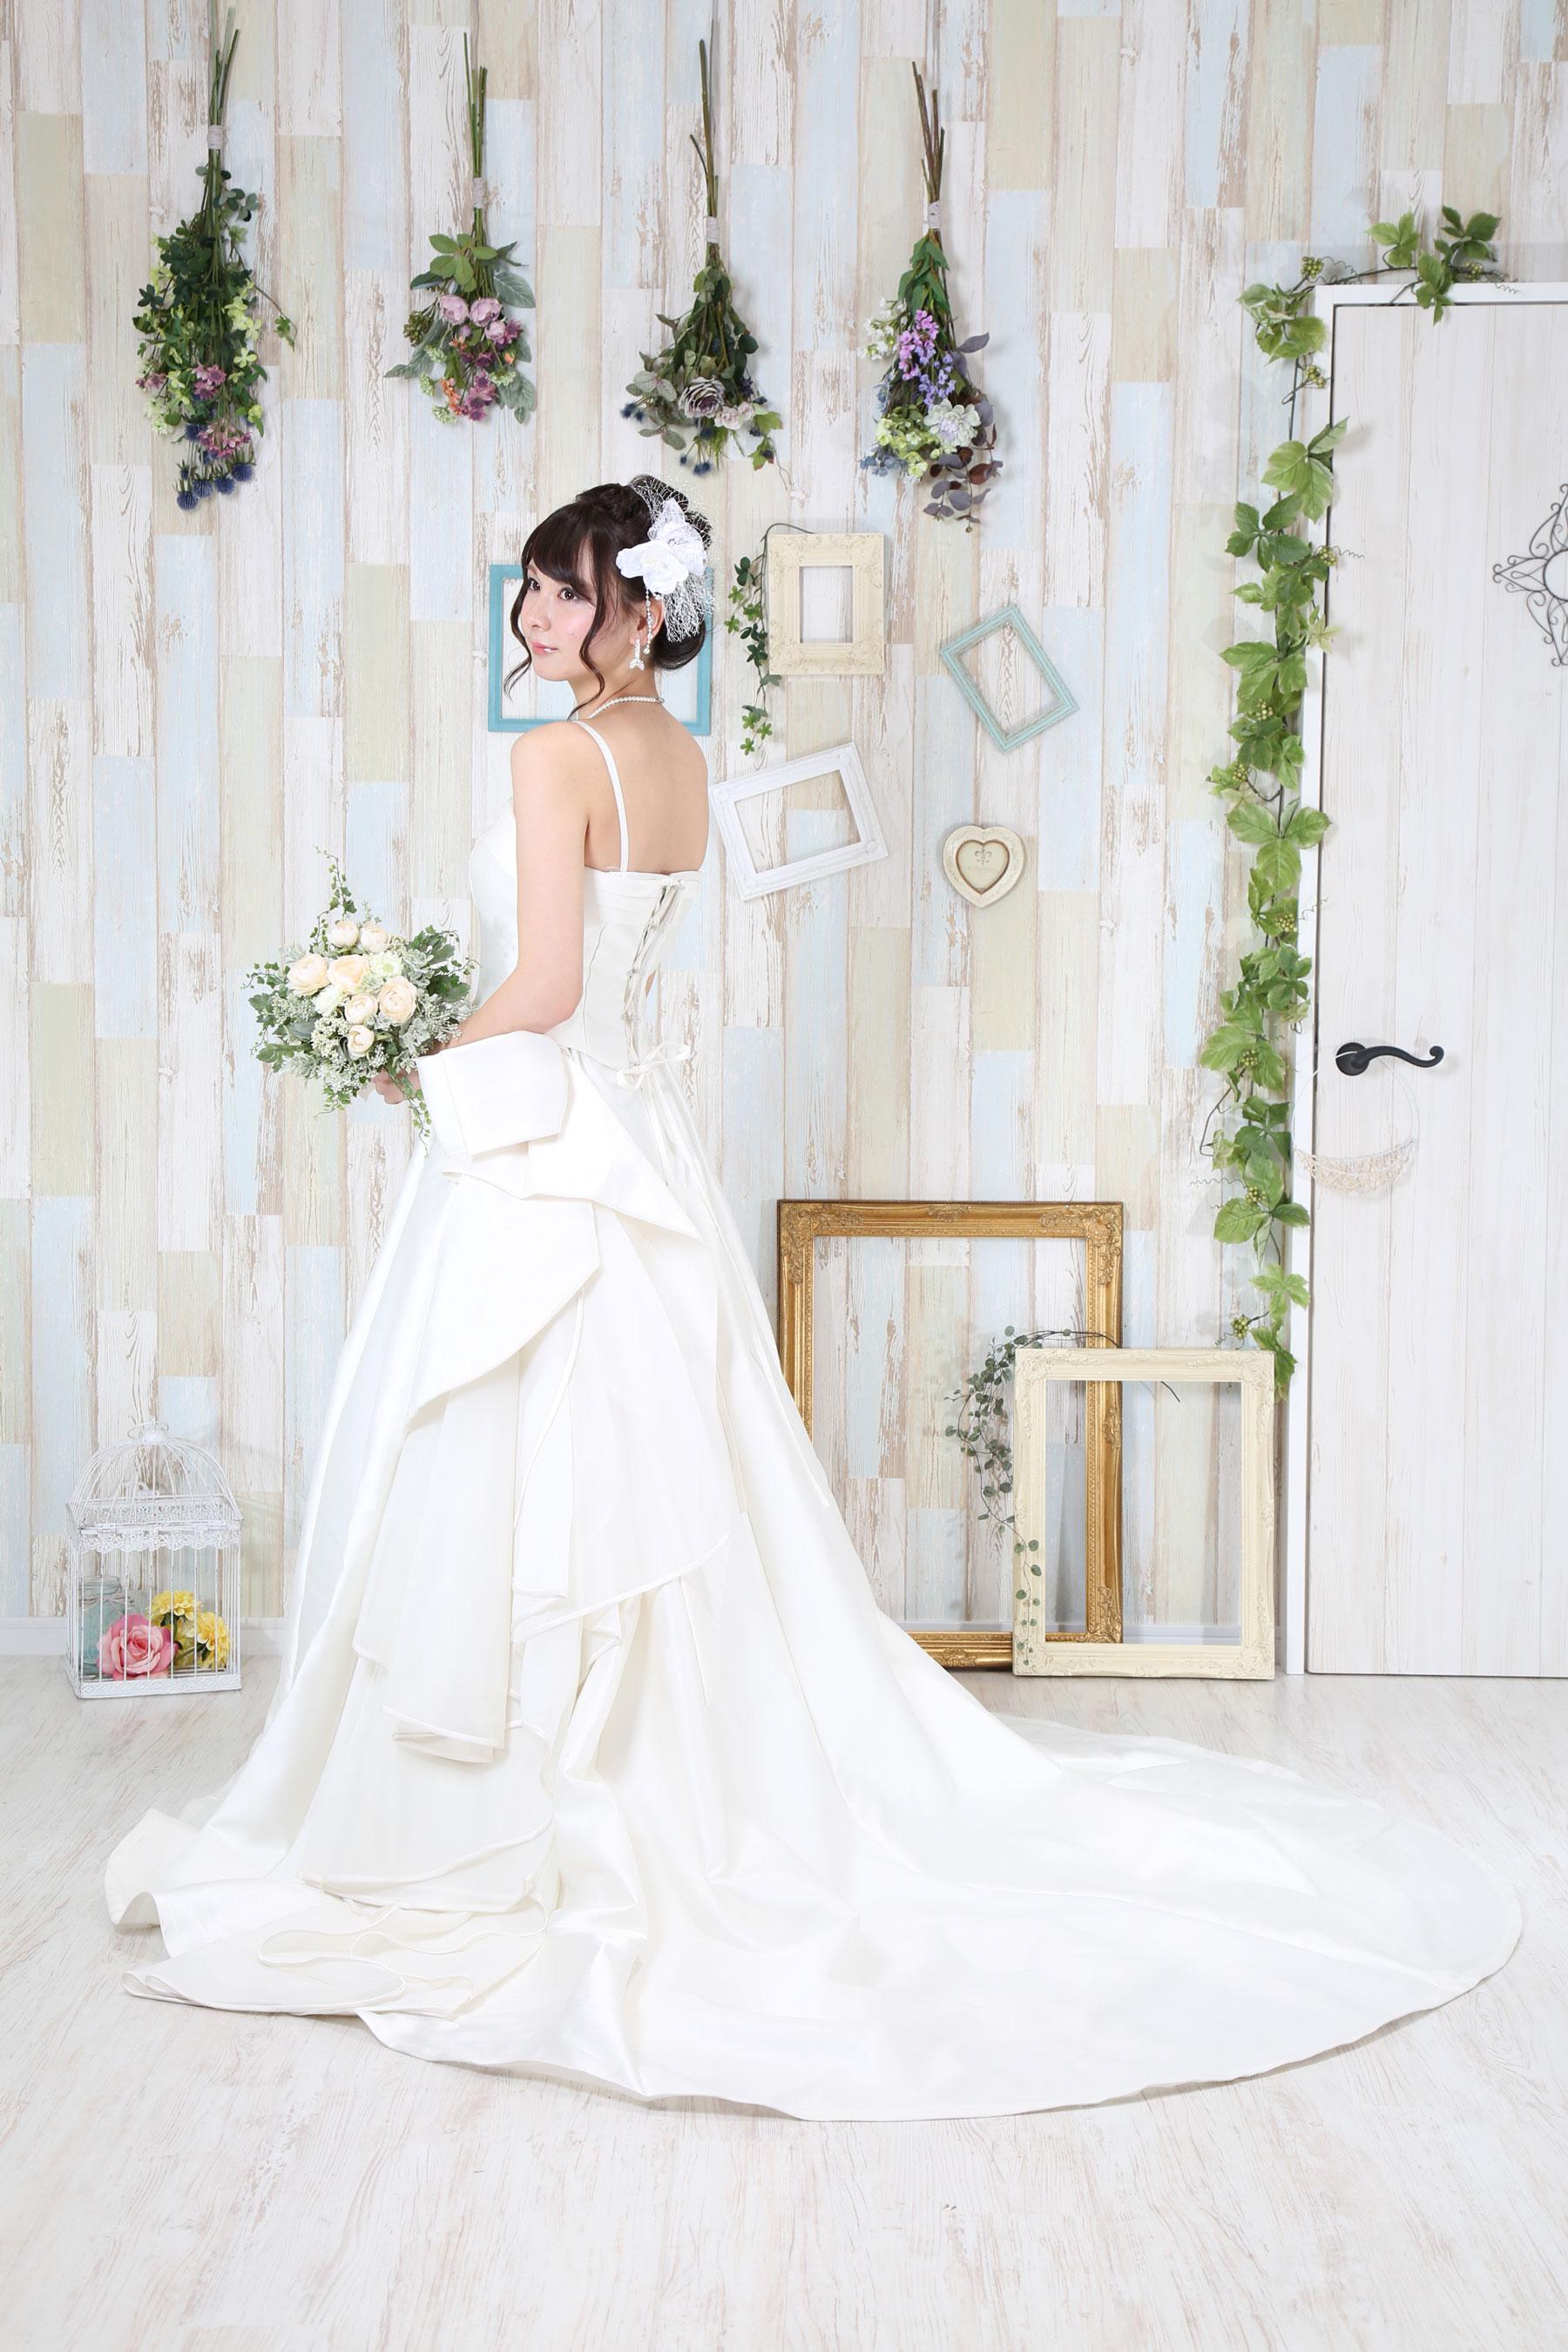 ★20180211-ドレス衣装撮影_120